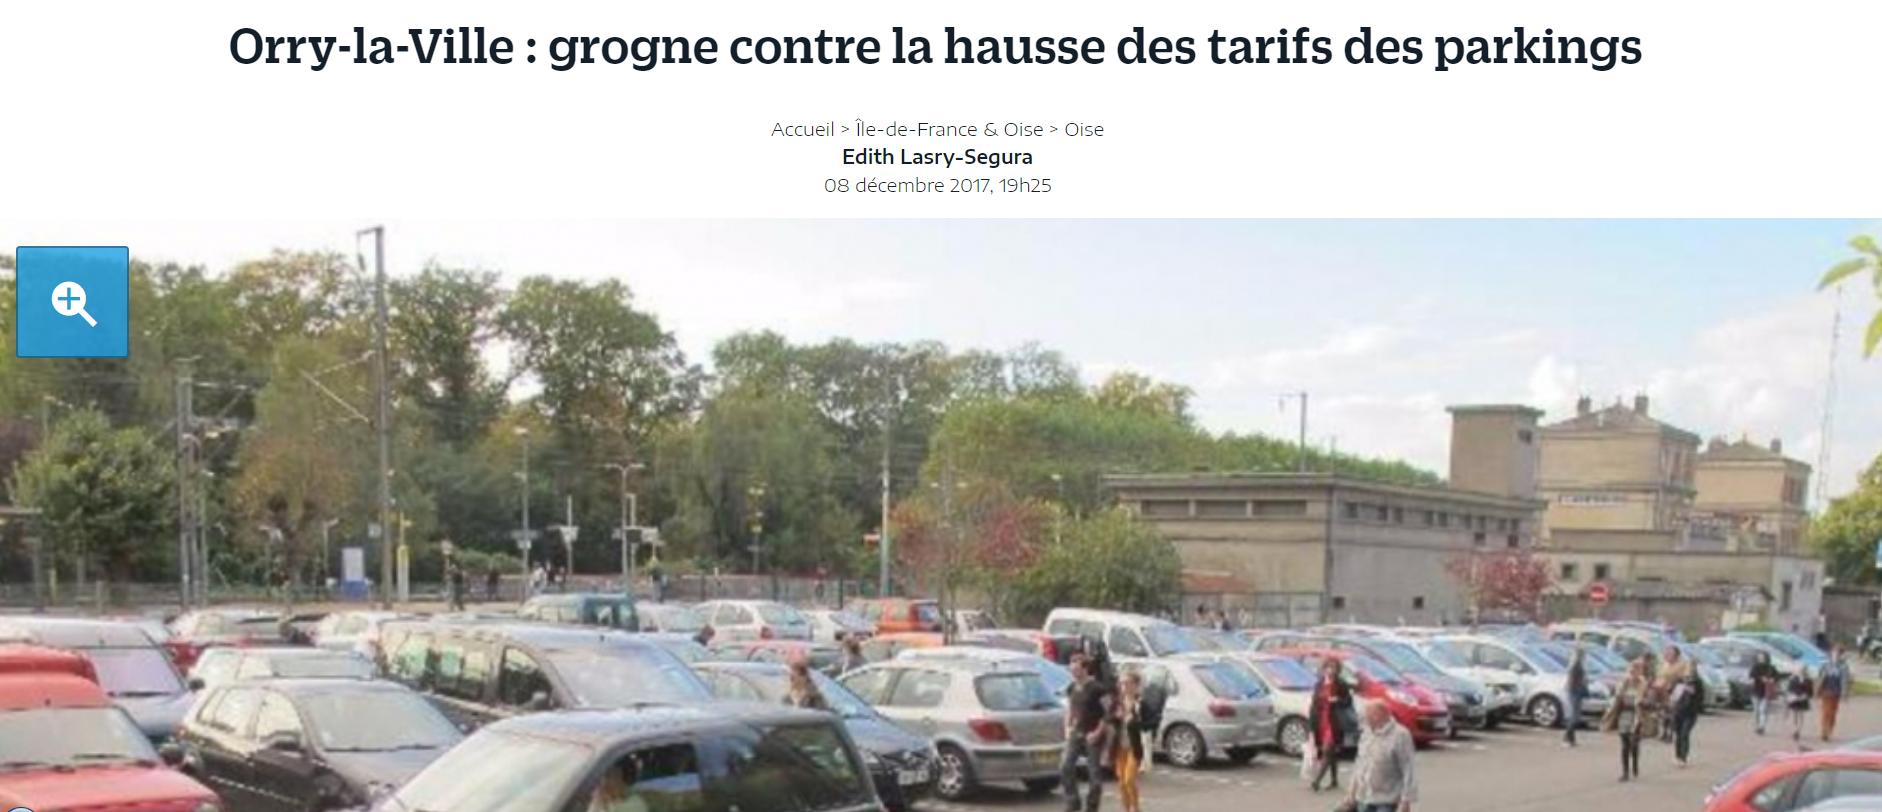 article le parisien grogne contre la hausse des tarifs du parking la vie d 39 orry. Black Bedroom Furniture Sets. Home Design Ideas